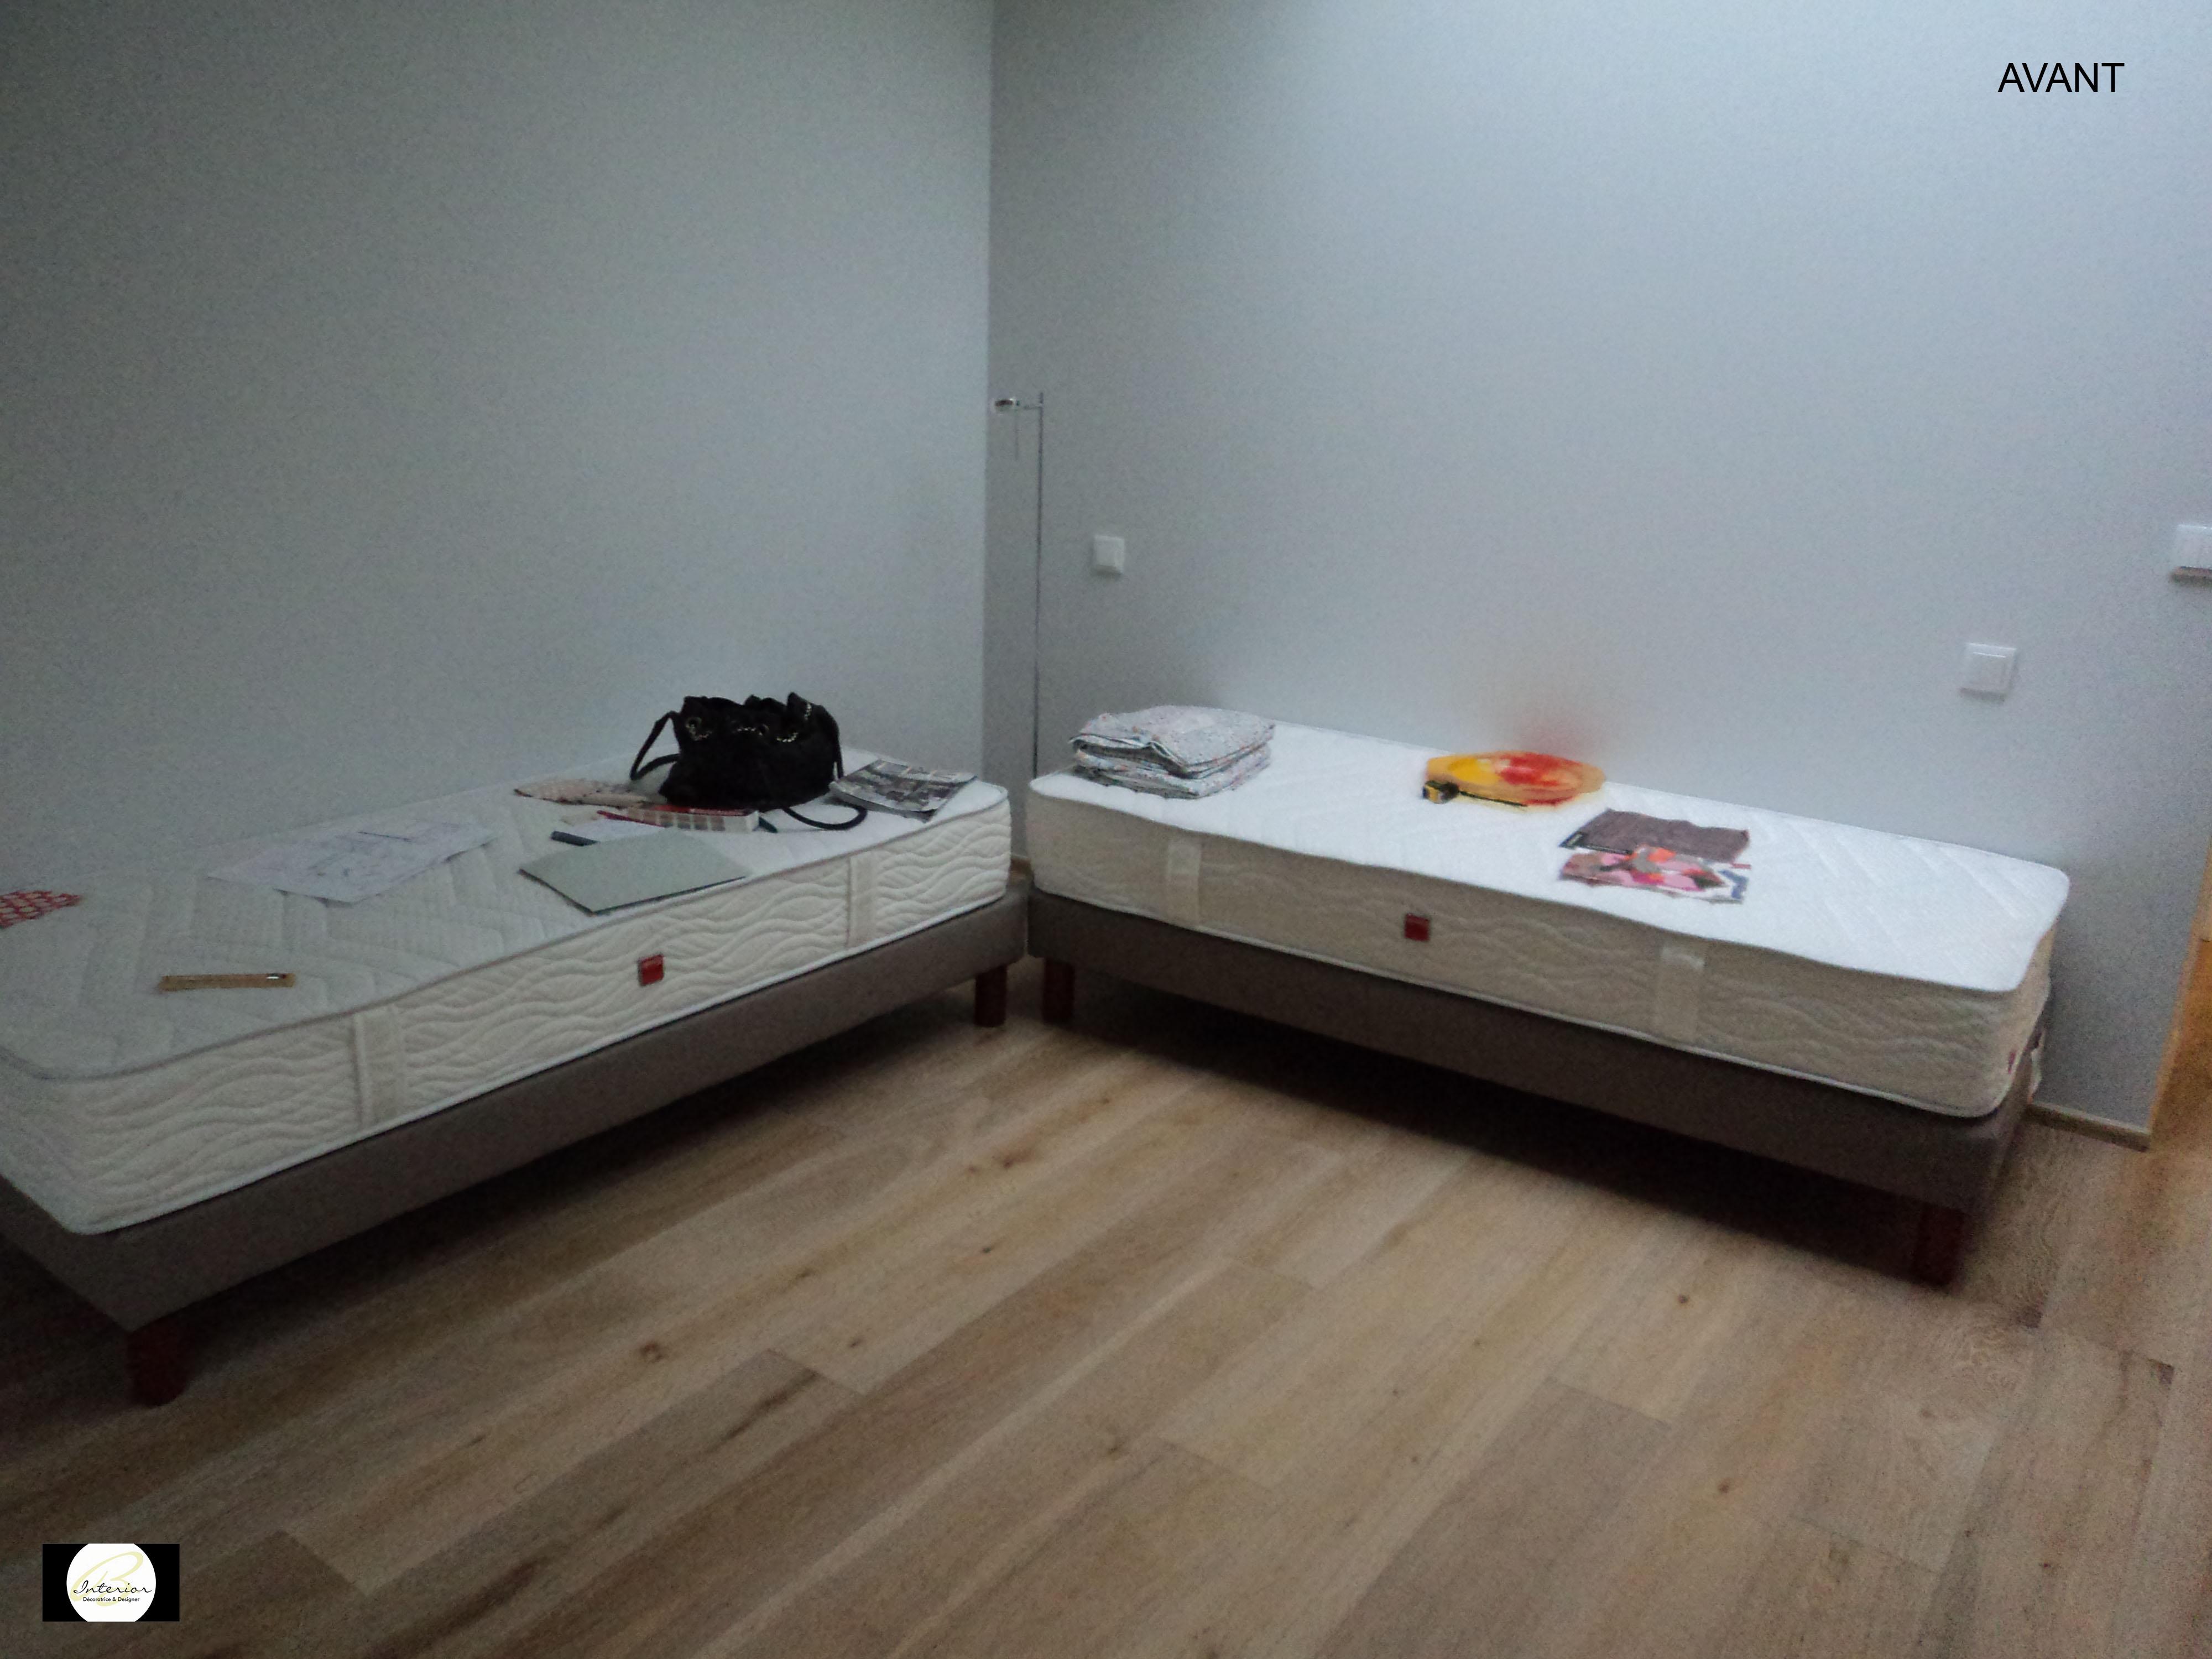 Espace salon/chambre d'amis avant